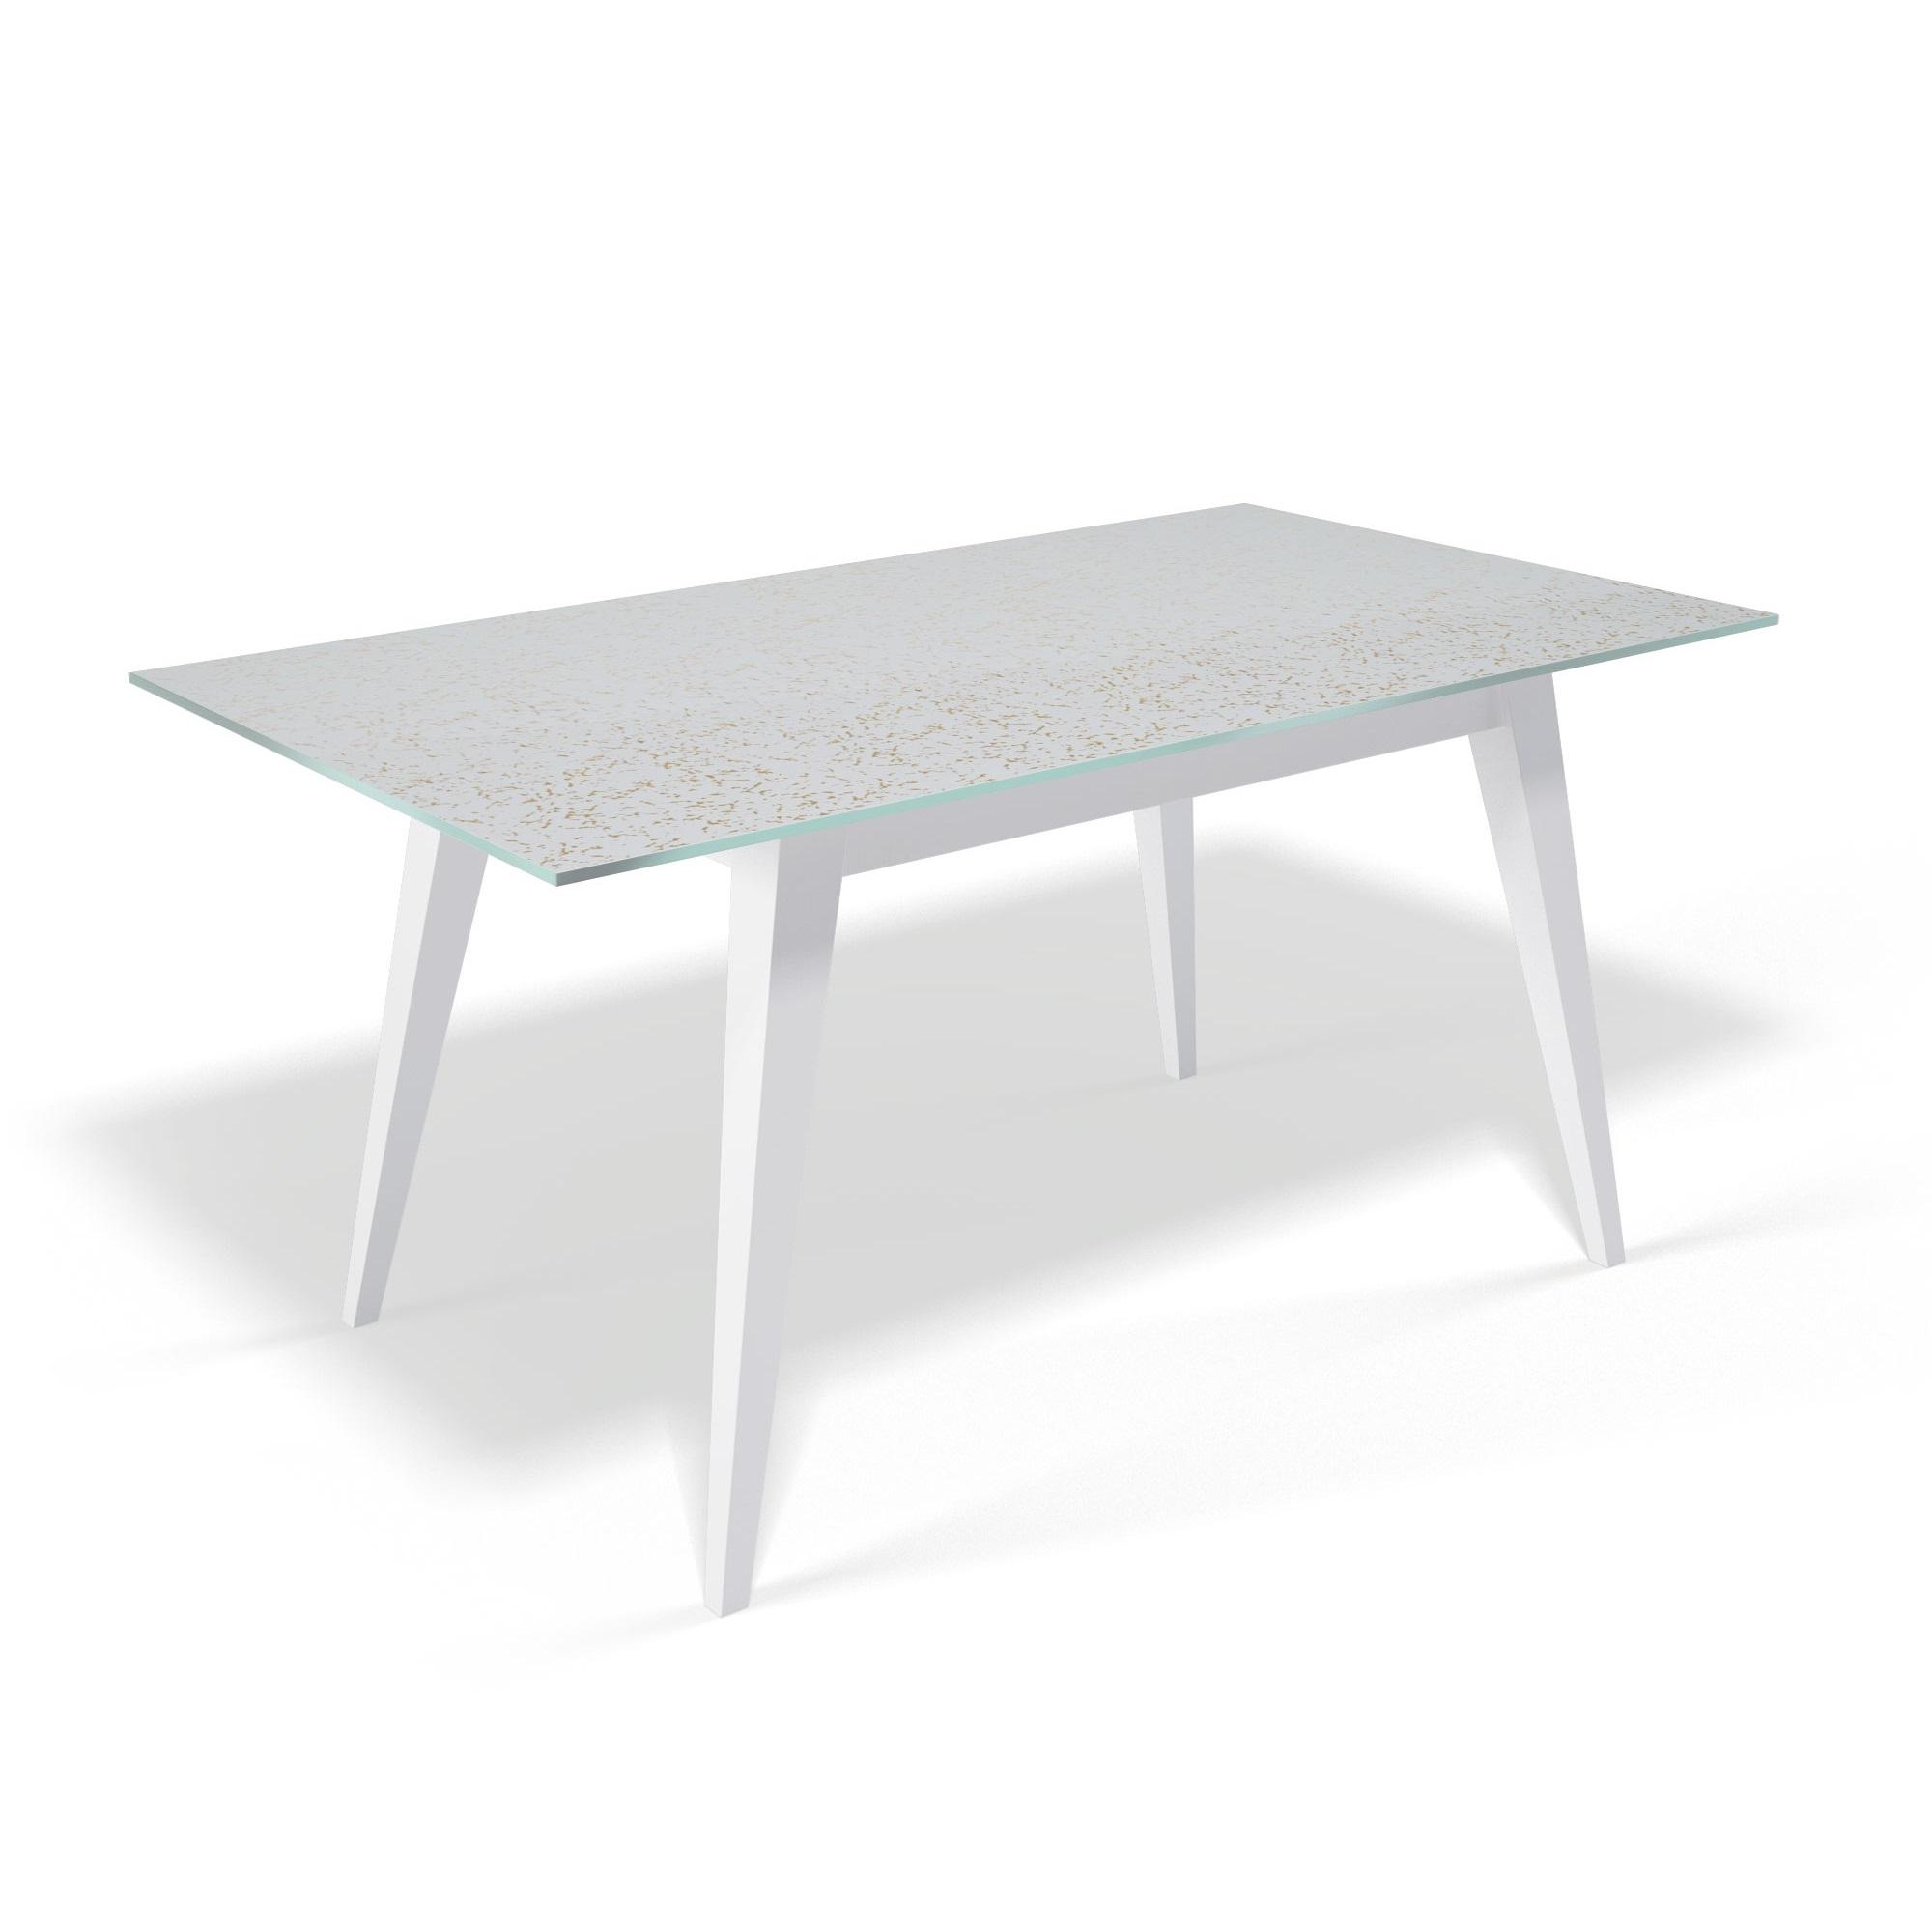 Стол обеденный KennerОбеденные столы<br>Столешница выполнена из стекла &amp;quot;триплекс&amp;quot;(6 мм - два или более органических или силикатных стекла, склеенные между собой специальной полимерной плёнкой, способной при ударе удерживать осколки)  с тканью внутри.&amp;amp;nbsp;&amp;lt;div&amp;gt;Также используется органза с золотыми нитями, благодаря чему на столешнице не будут видны отпечатки пальцев и царапины.&amp;amp;nbsp;&amp;lt;/div&amp;gt;&amp;lt;div&amp;gt;Основание выполнено массива бука.&amp;amp;nbsp;&amp;lt;/div&amp;gt;&amp;lt;div&amp;gt;Стекло не боится влаги, бытовой химии, выдерживает перепады на горячие и холодные температуры. В разложенном виде: 200х90 см.&amp;amp;nbsp;&amp;lt;/div&amp;gt;&amp;lt;div&amp;gt;Вставка выполнена также полностью из стекла.&amp;amp;nbsp;&amp;lt;/div&amp;gt;&amp;lt;div&amp;gt;За таким столом могут свободно разместиться от 6 до 10 человек.&amp;lt;/div&amp;gt;<br><br>Material: Стекло<br>Ширина см: 160<br>Высота см: 76<br>Глубина см: 90